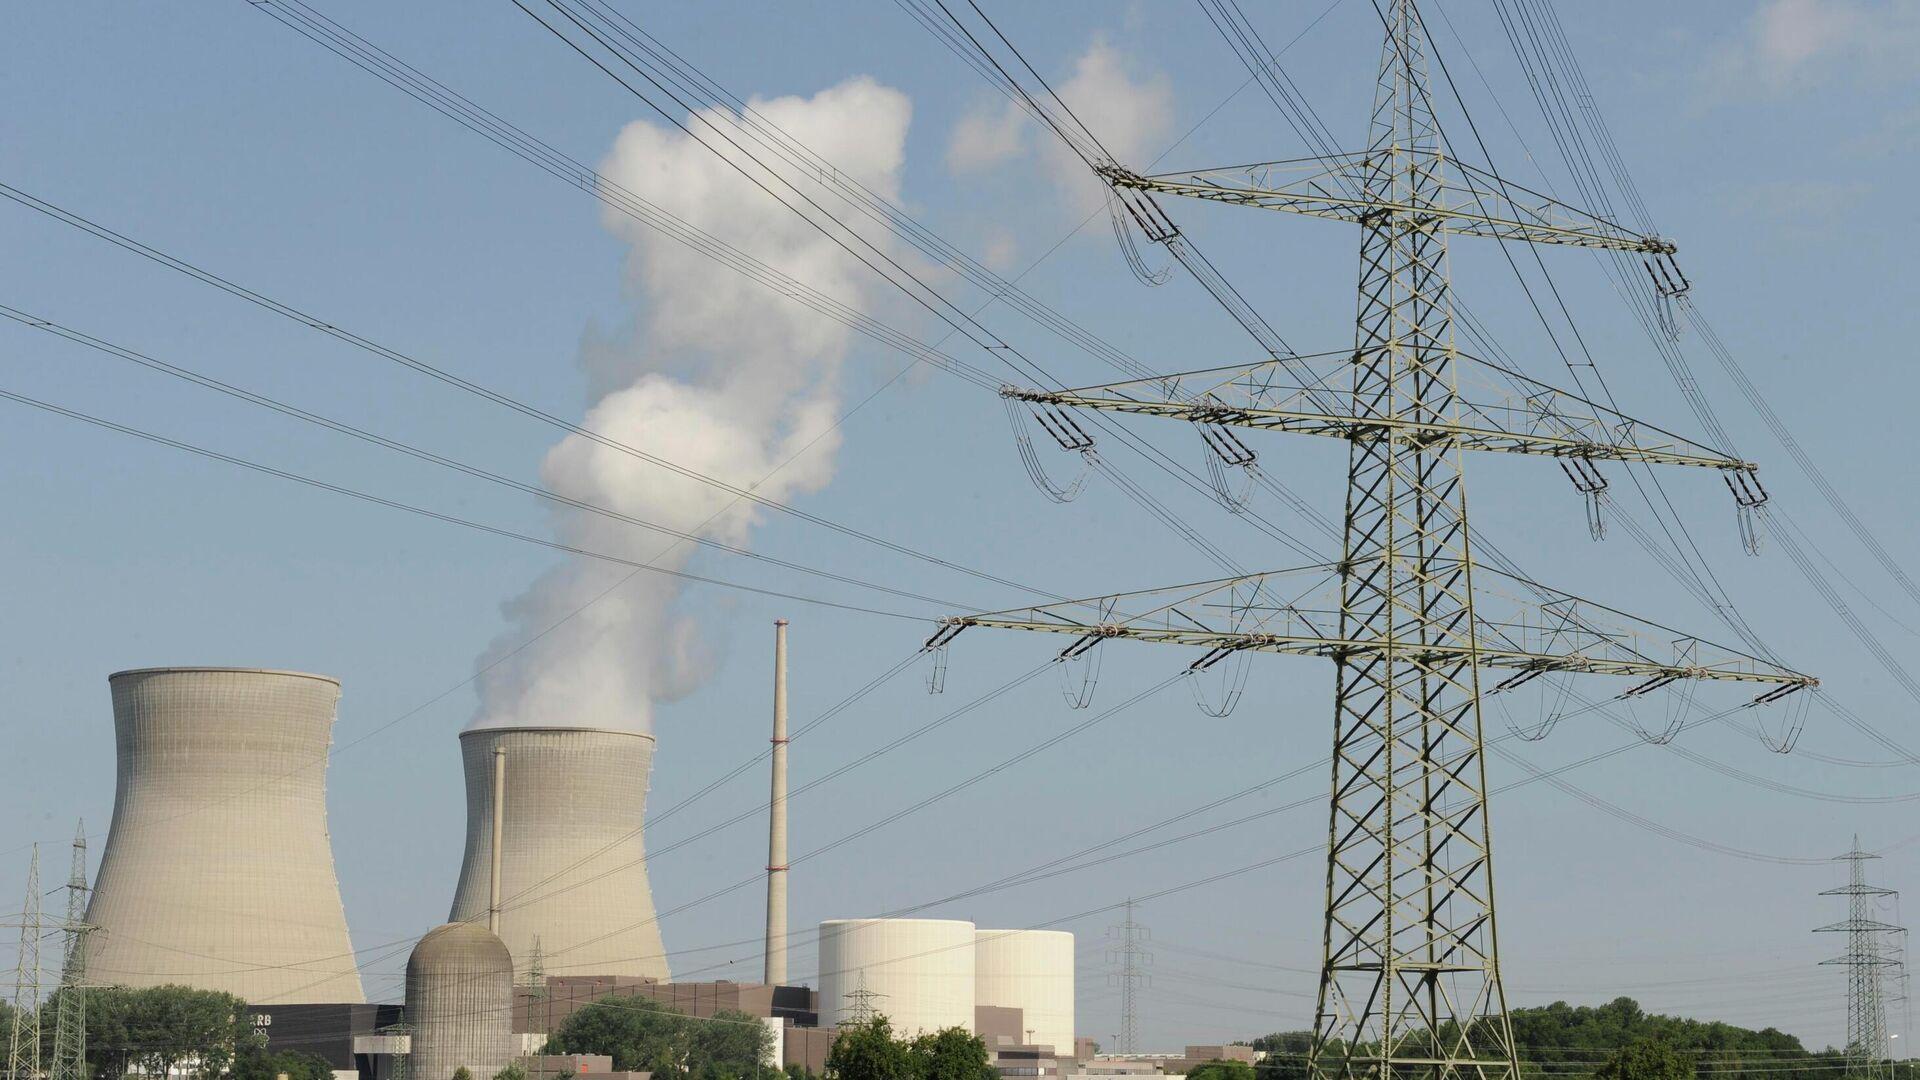 Atomkraftwerk (Symbolbild)  - SNA, 1920, 09.07.2021